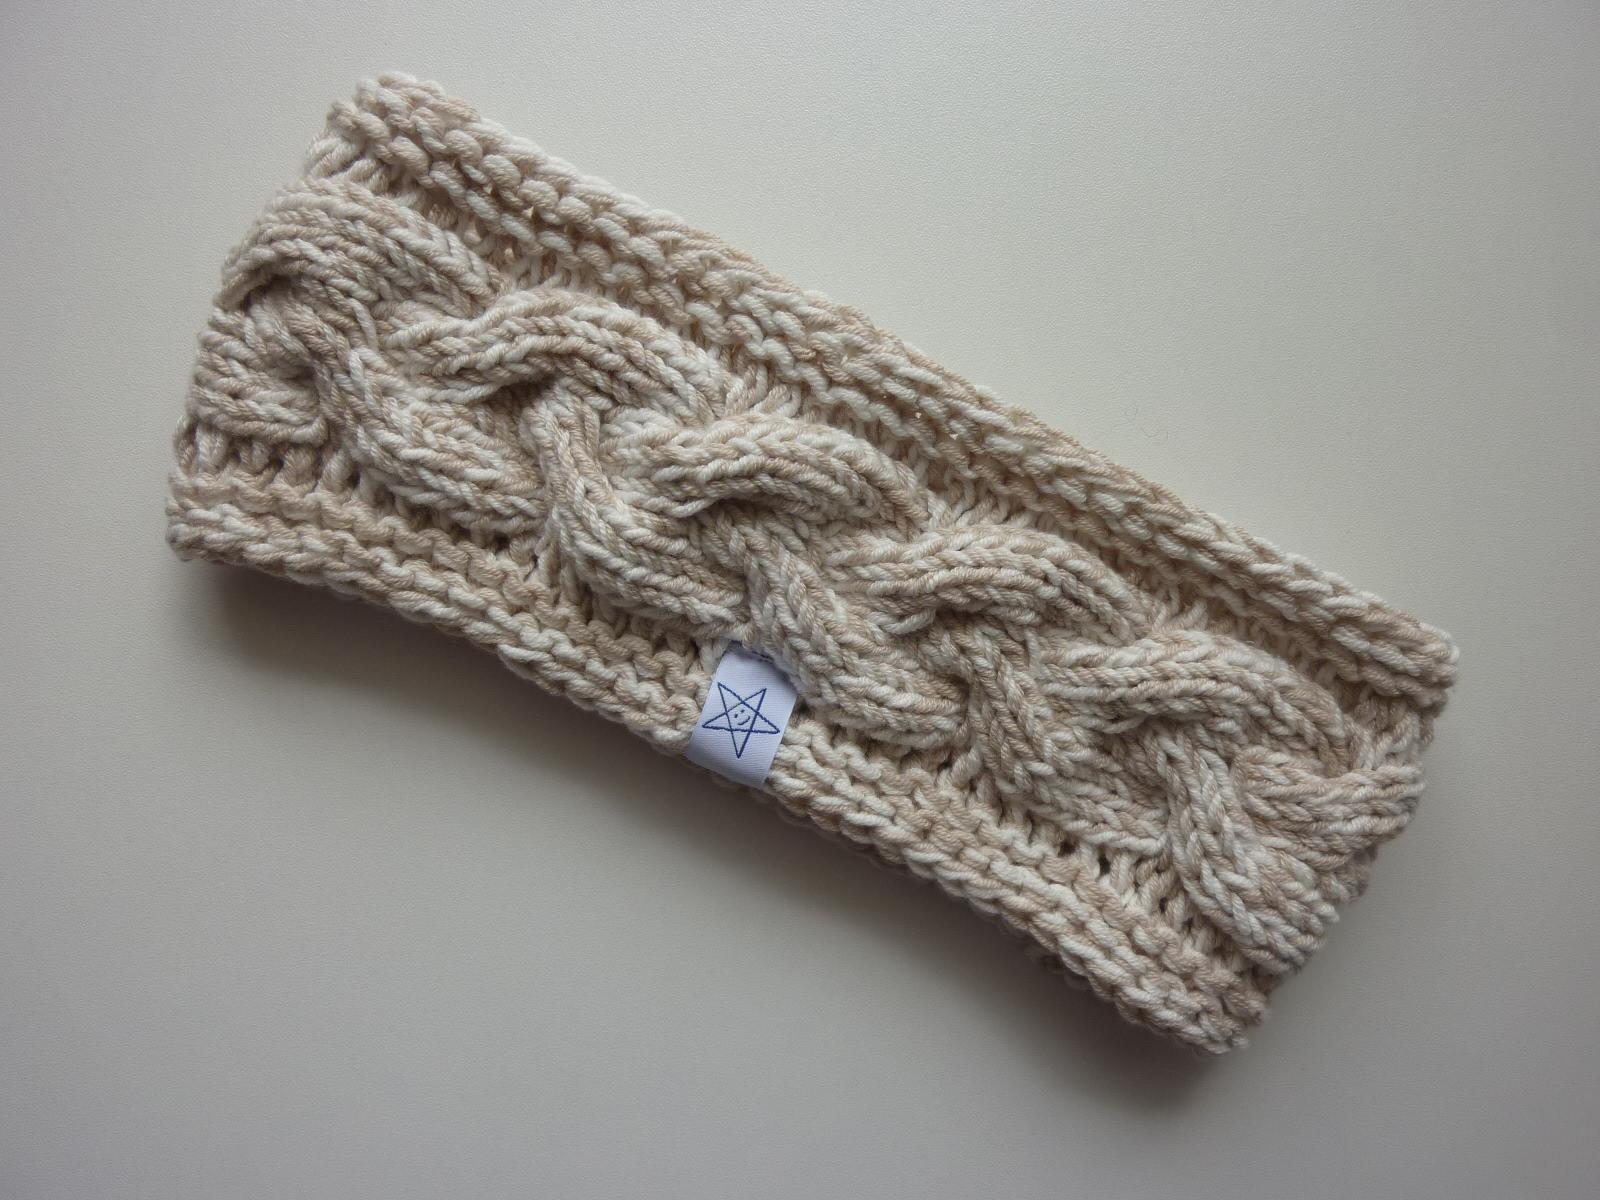 - Stirnband mit Zopfmuster in beige und wollweiß aus Baumwolle handgestrickt - Stirnband mit Zopfmuster in beige und wollweiß aus Baumwolle handgestrickt